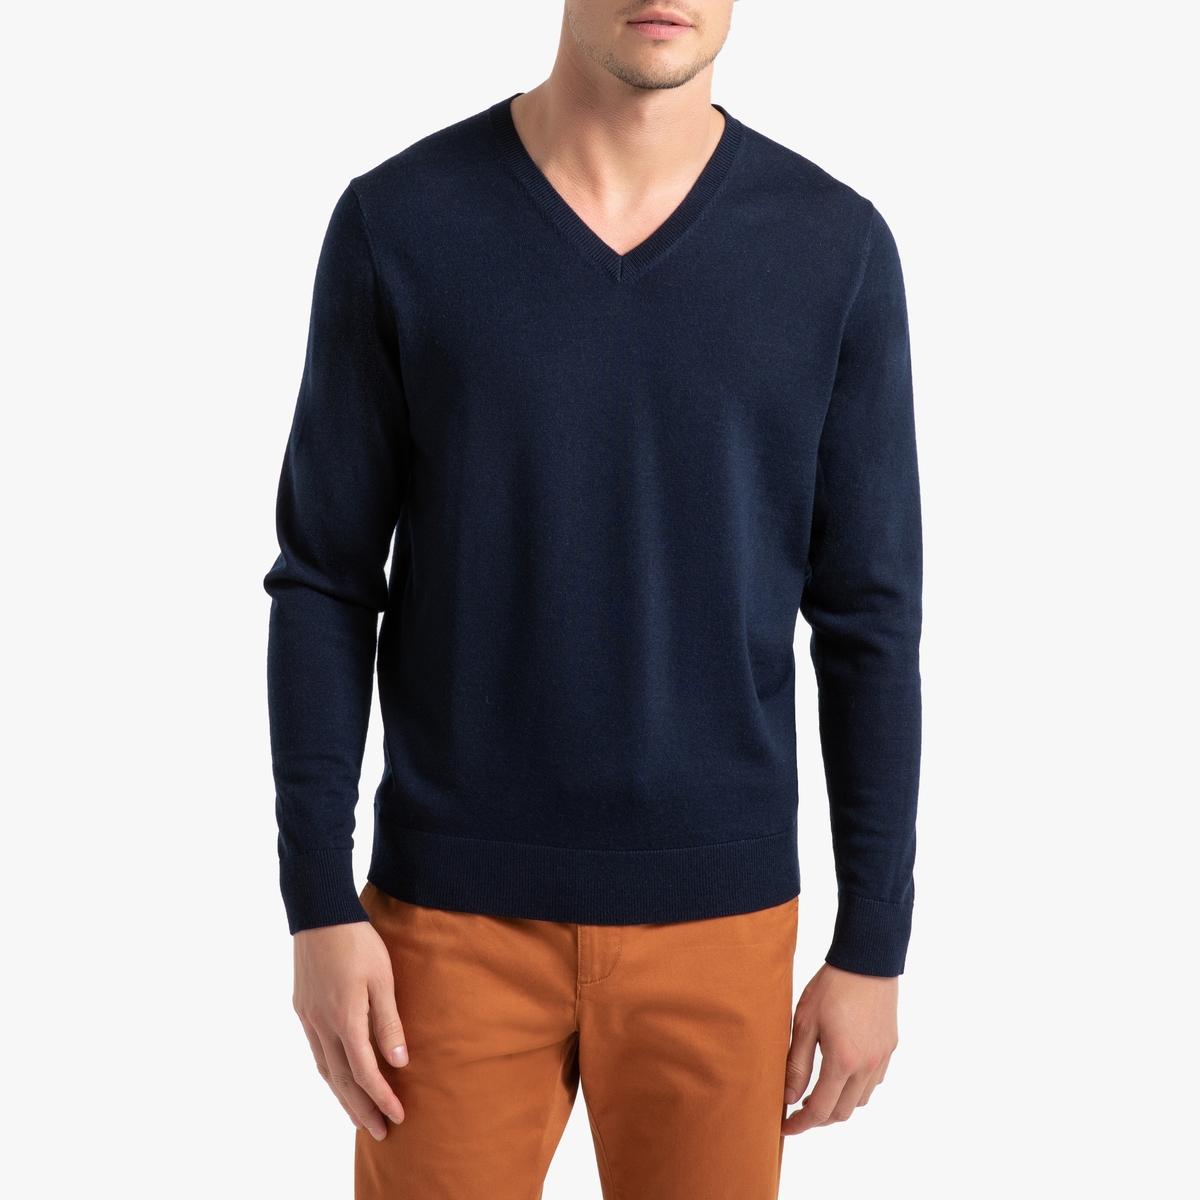 цена на Пуловер La Redoute С V-образным вырезом из шерсти мериноса Pascal M синий